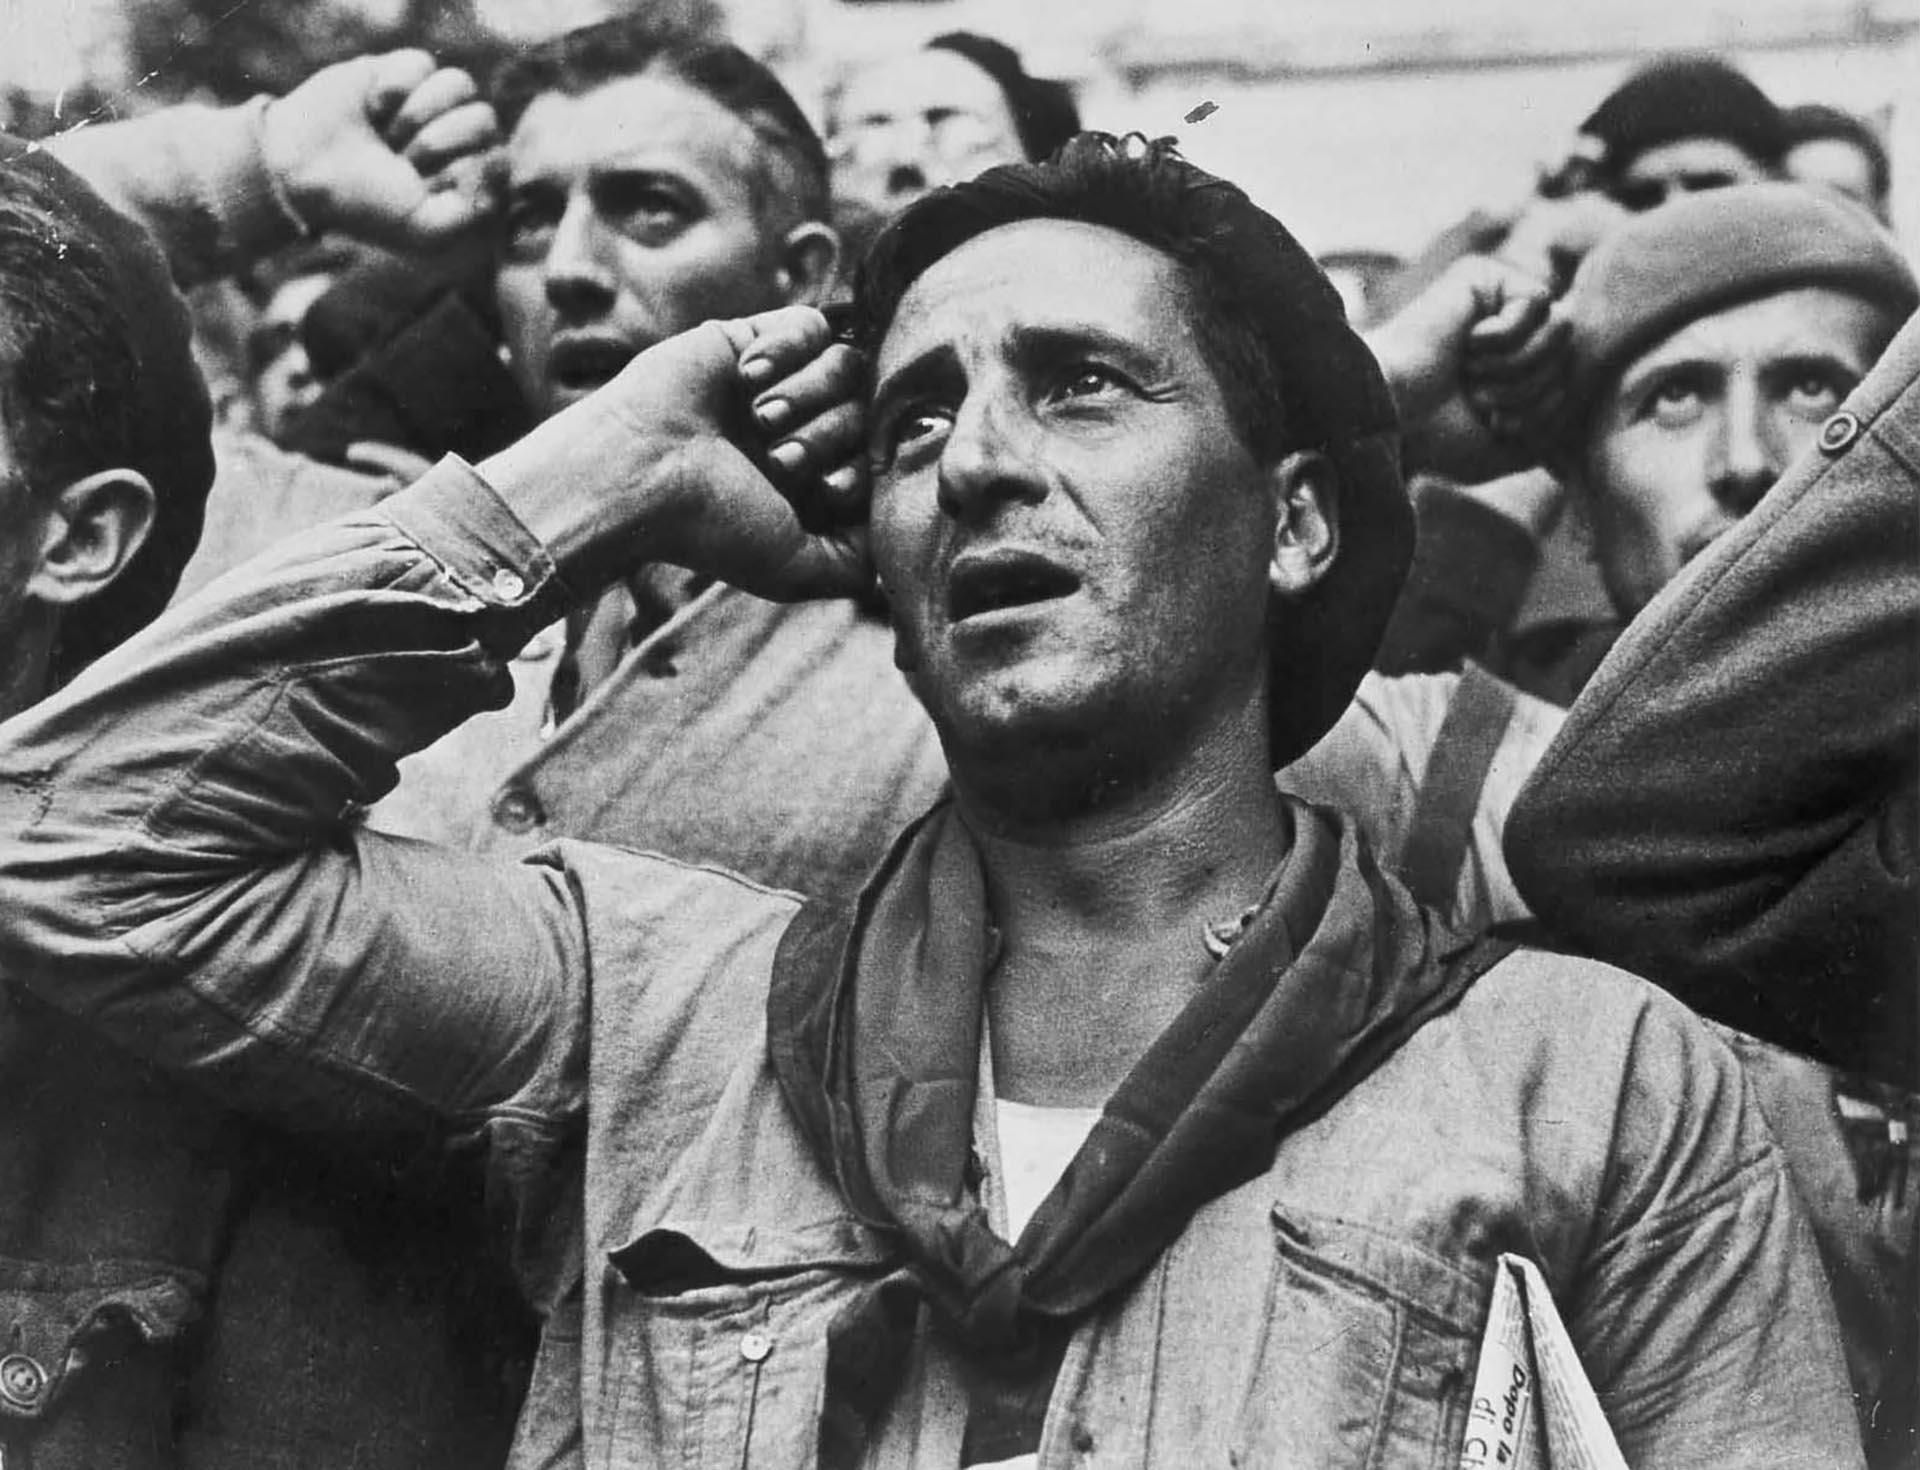 La Guerra Civil Española se inició hace 80 años cuando en Melilla, Ceuta, Tetuán y Larache, los jefes y oficiales del ejército del Norte de África iniciaron una sublevación que al día siguiente se ramificó por toda España (Robert Capa)